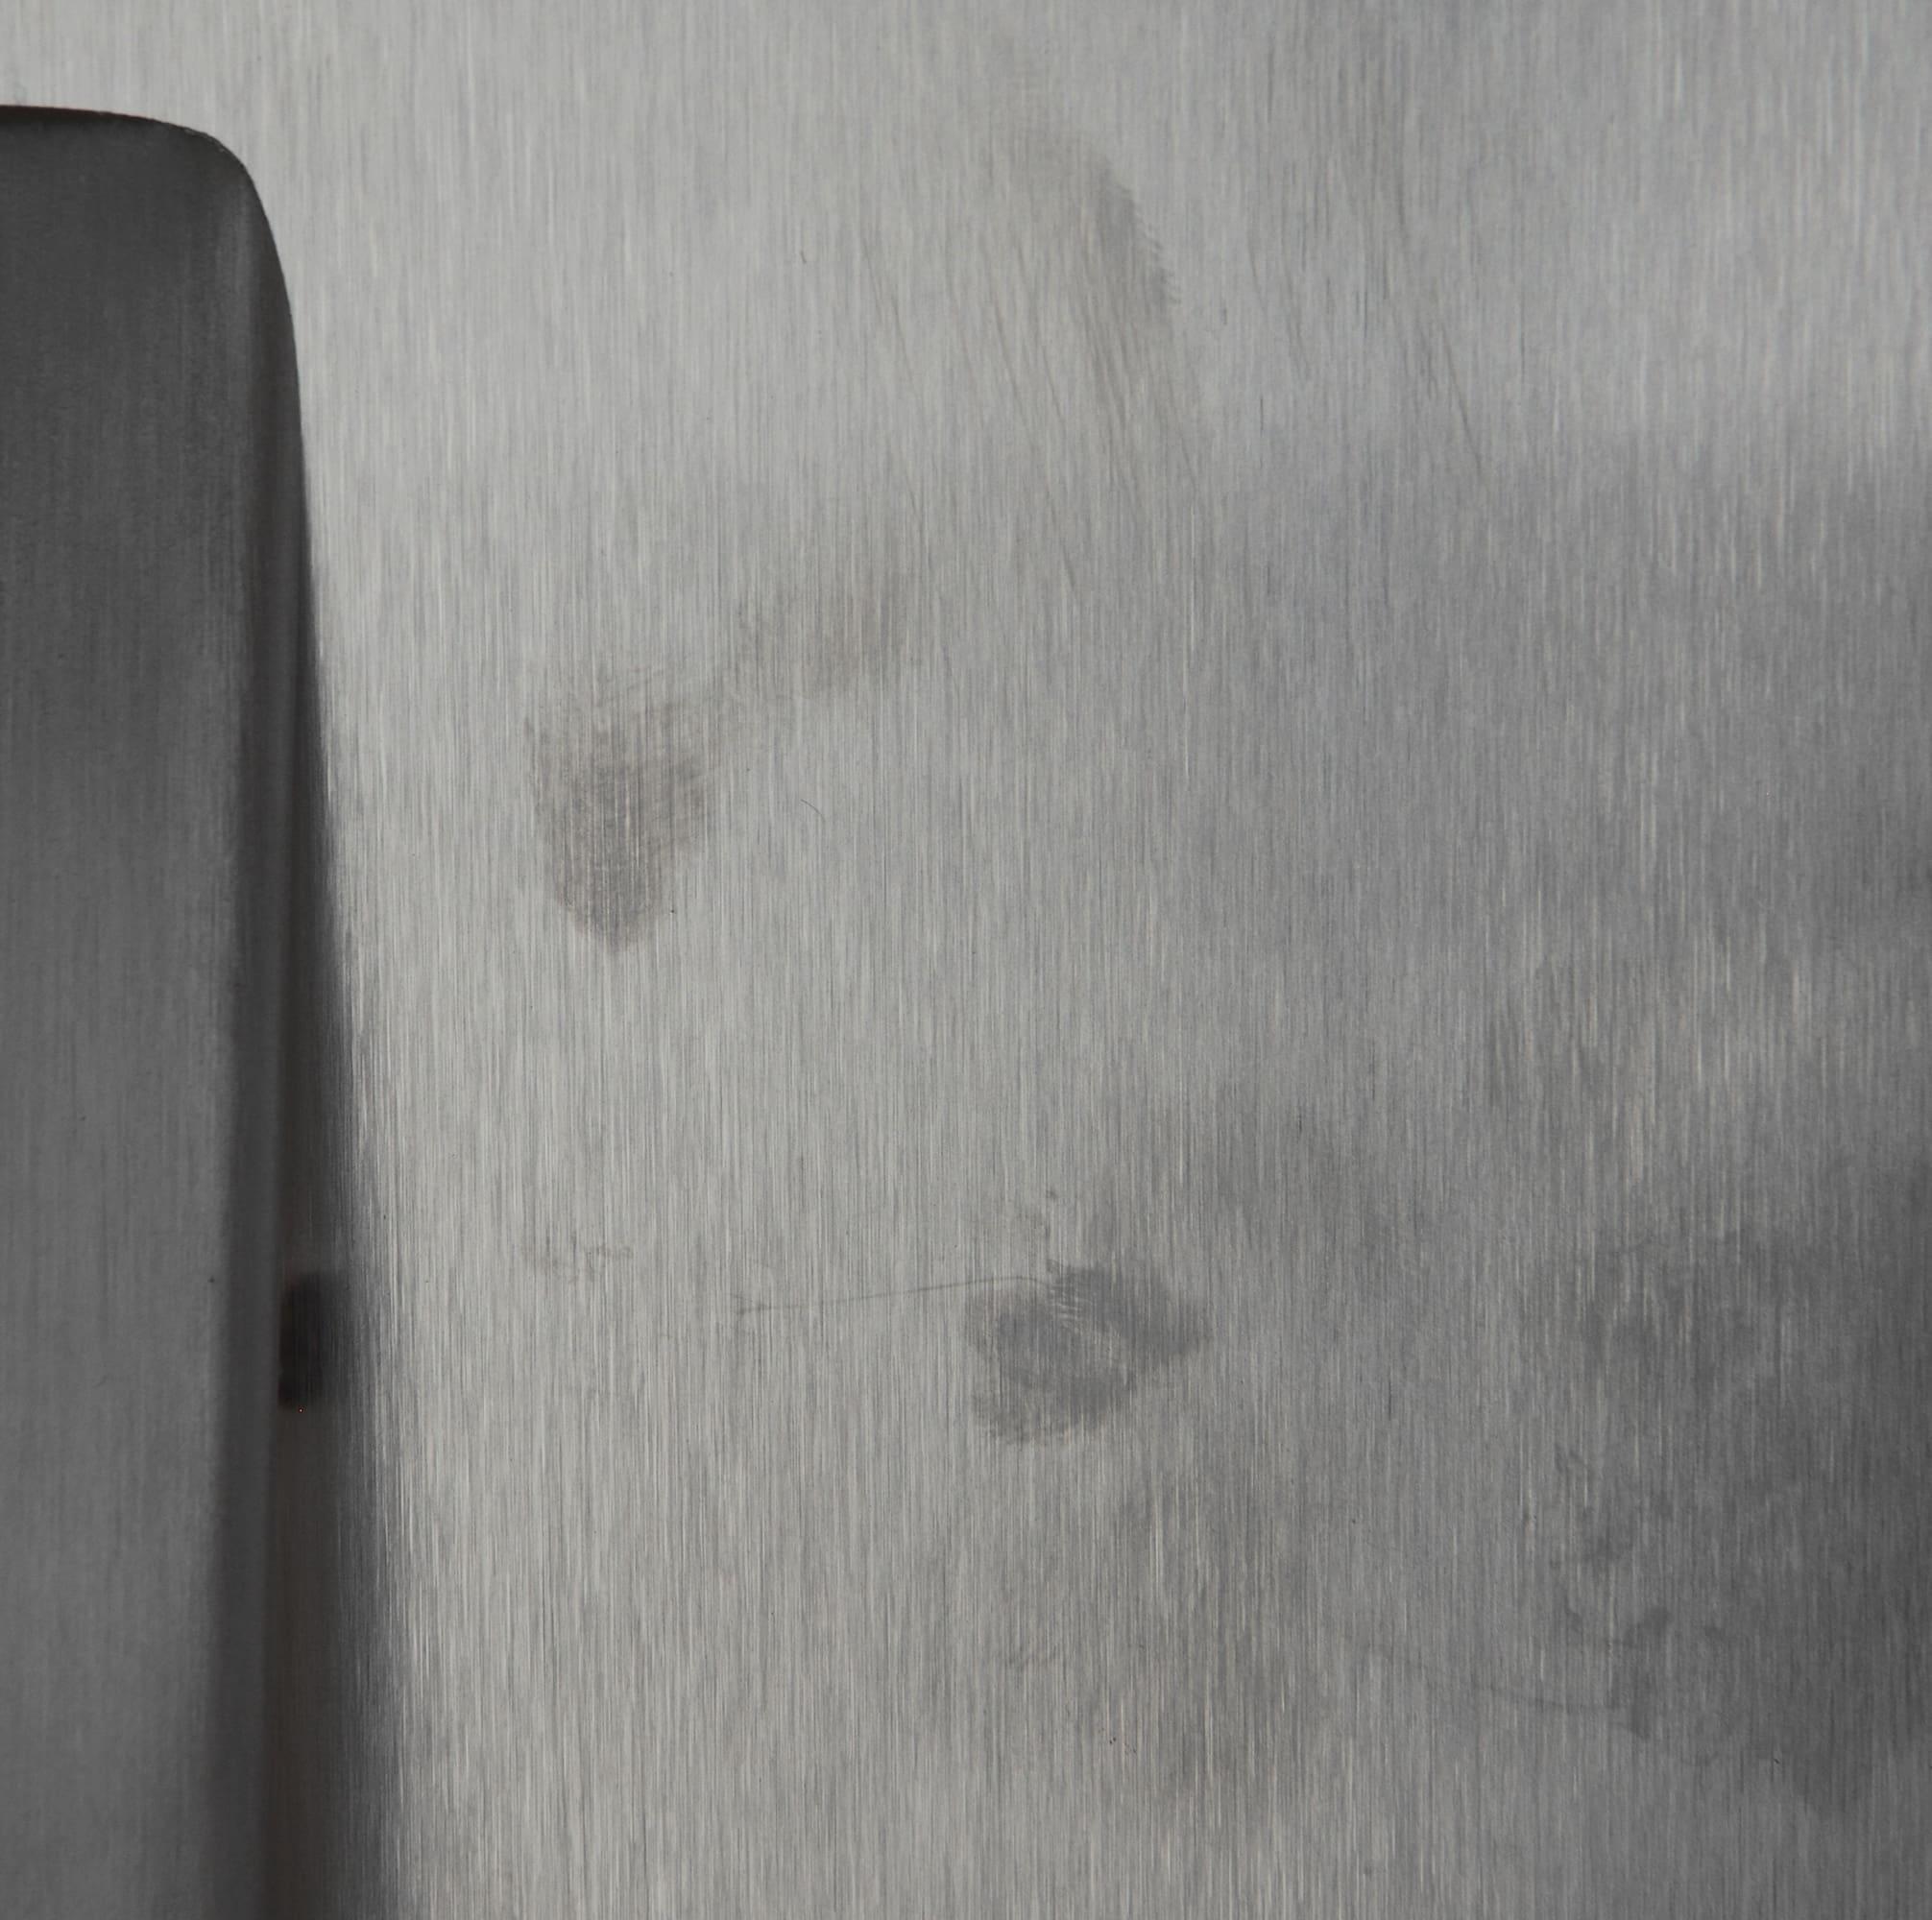 Fingerprints–the bane of the Kenmore Elite 28093's stainless steel finish.